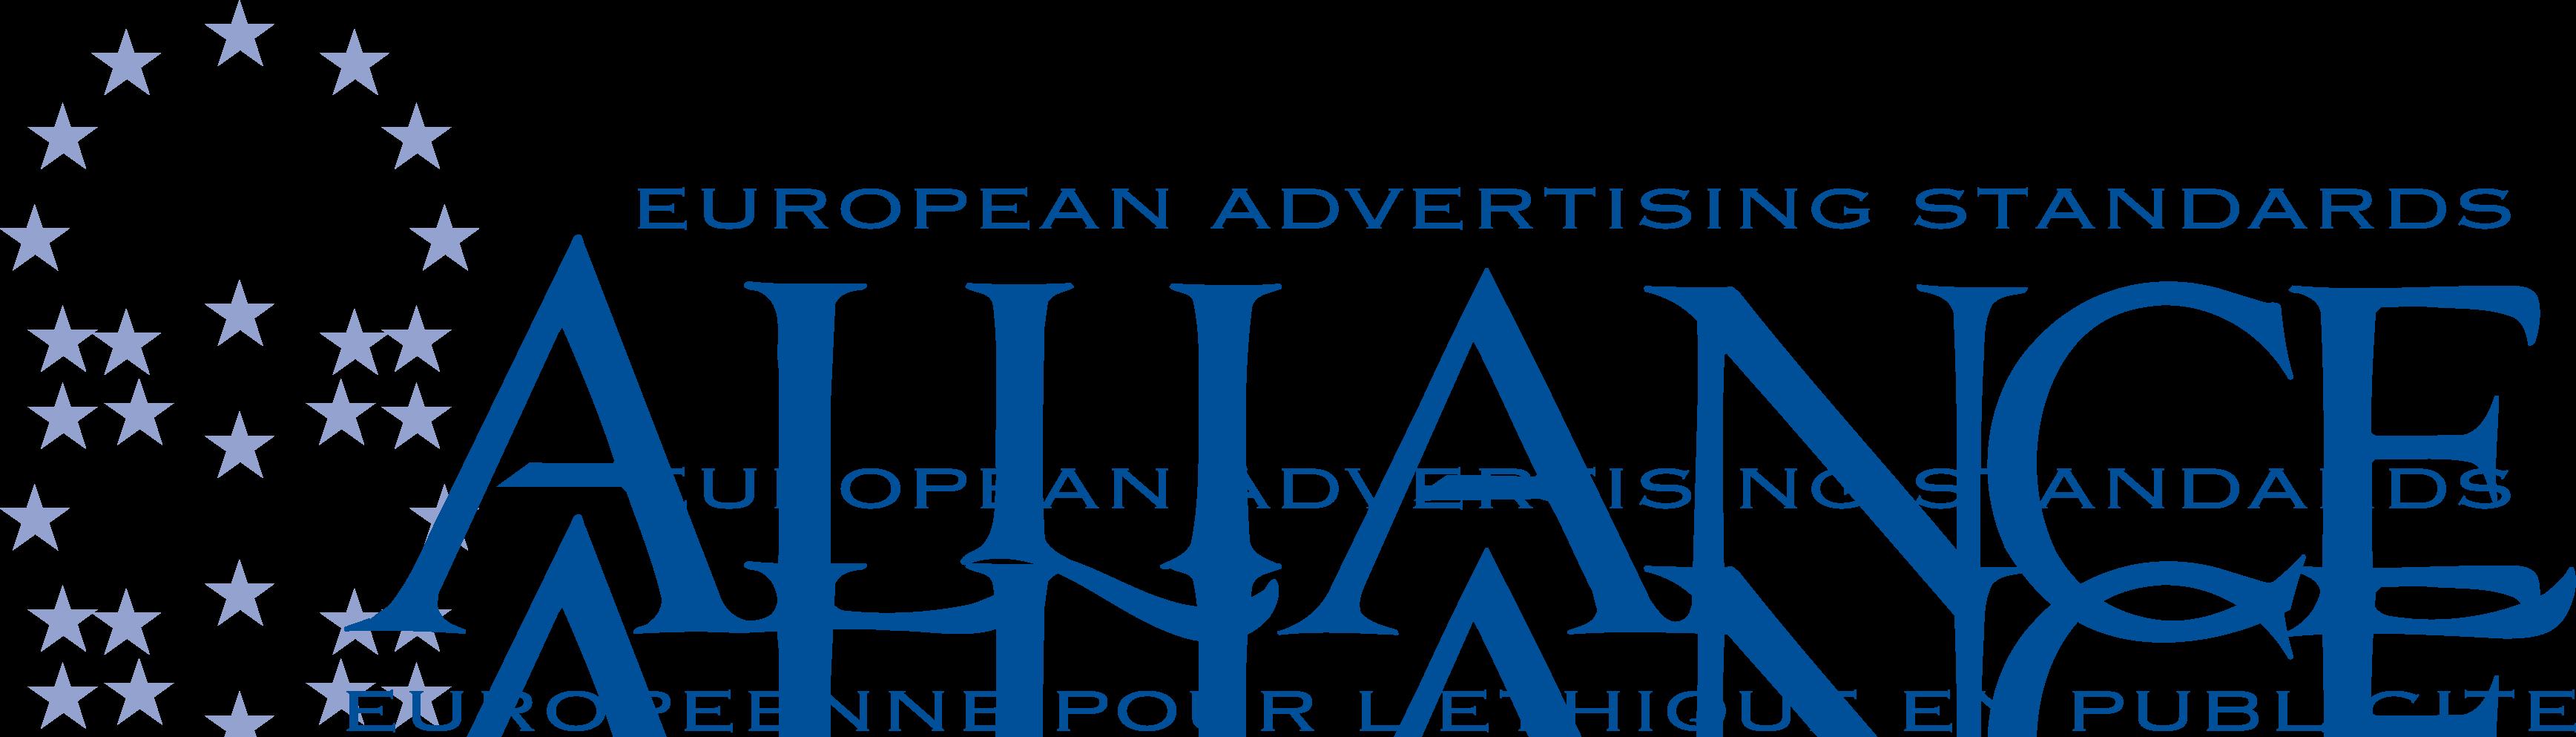 Google associa-se à EASA como membro corporativo